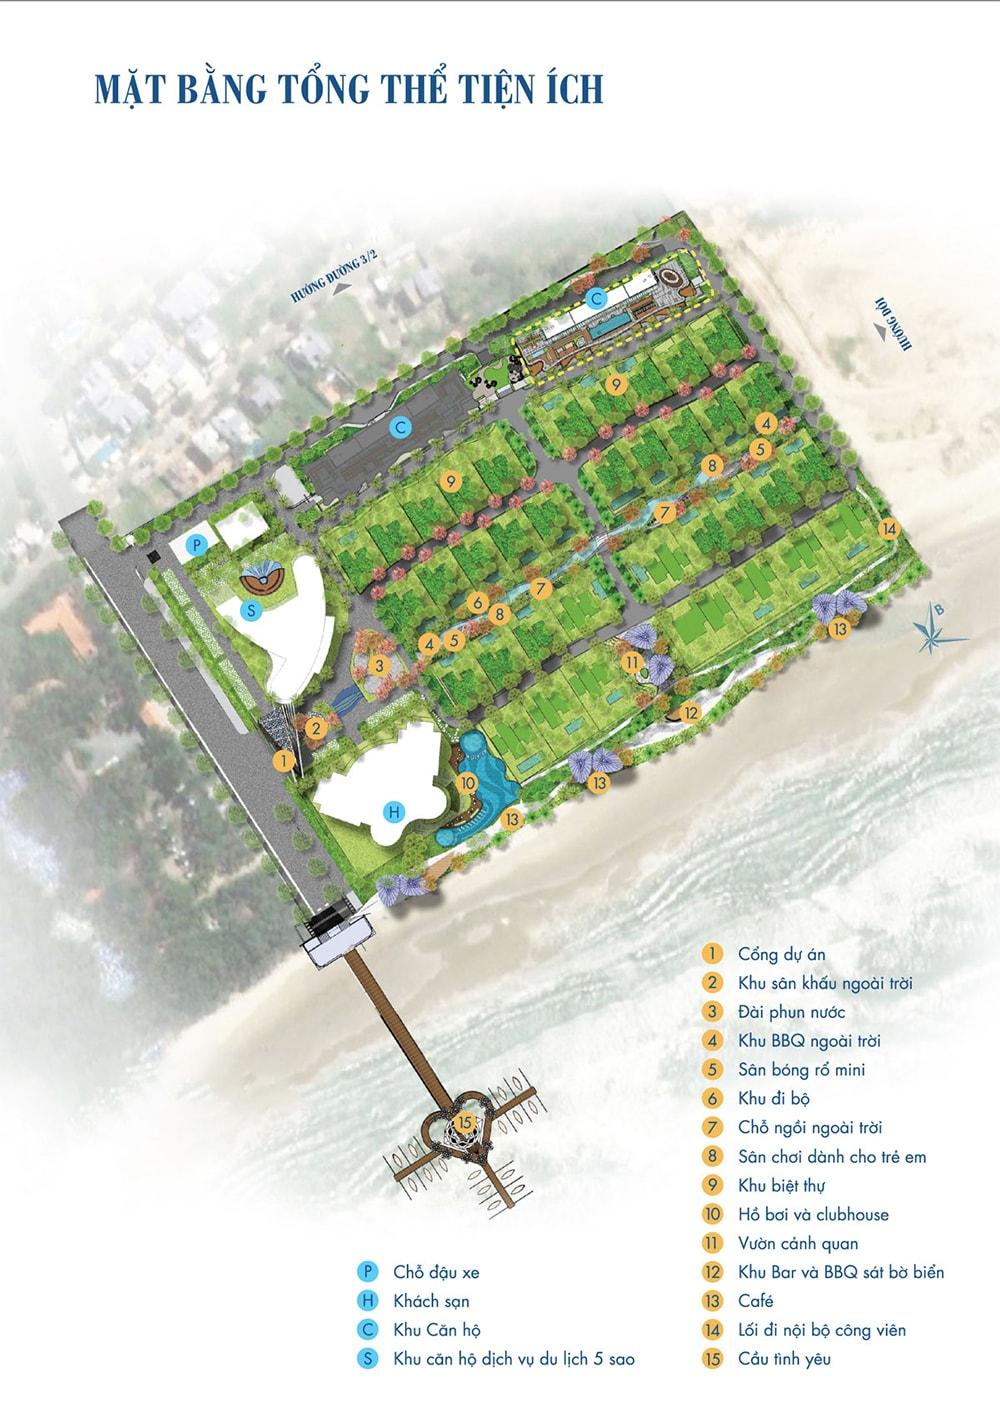 Mặt bằng tổng quan dự án Condotel Aria Vũng Tàu